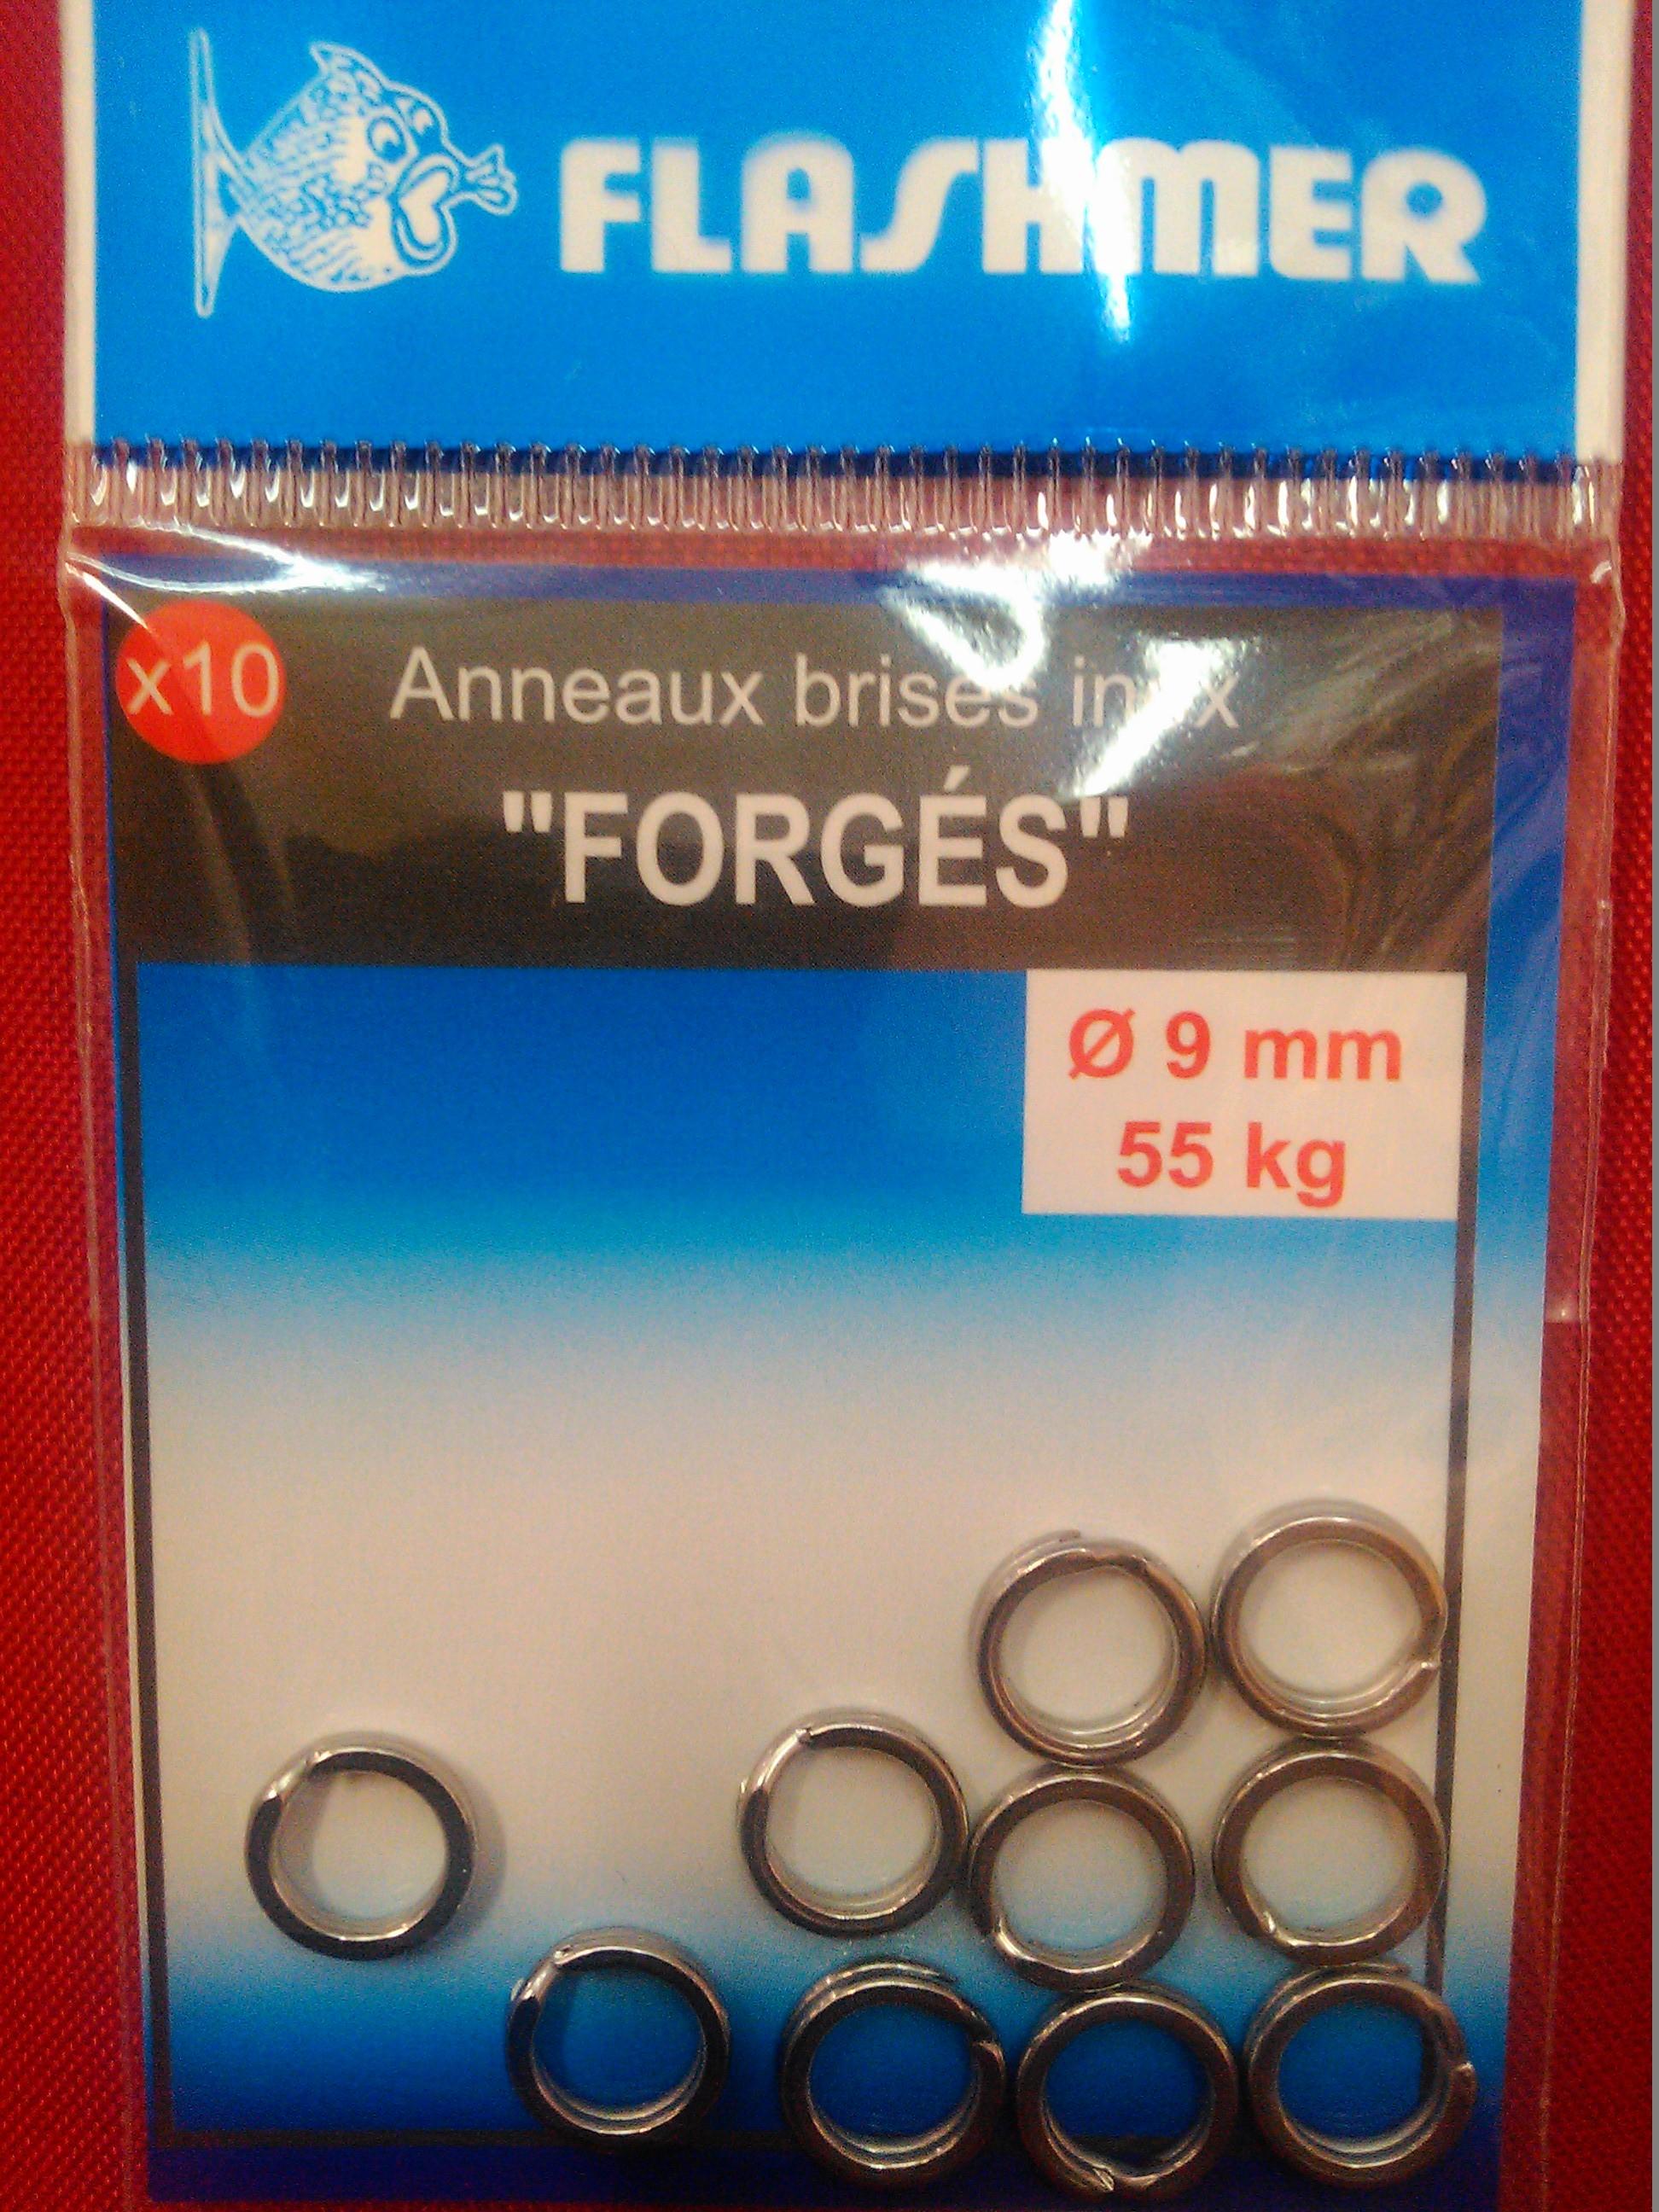 anneaux brisés inox forgés 6